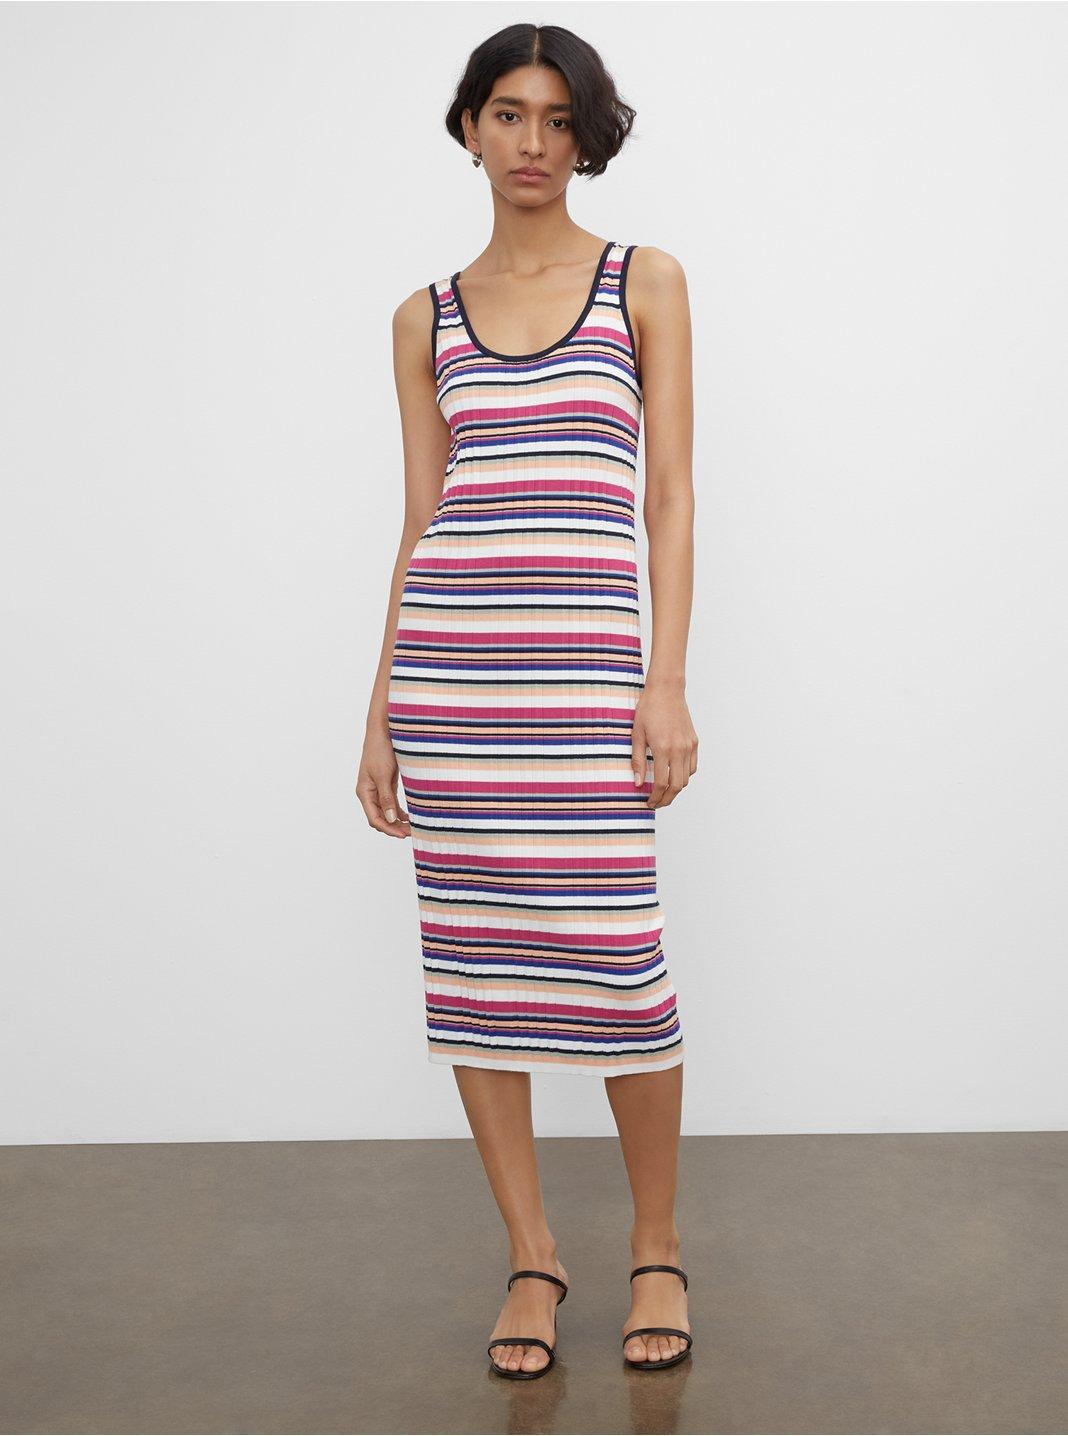 클럽 모나코 스트라이프 골지 썸머 원피스 Club Monaco Striped Ribbed Summer Dress